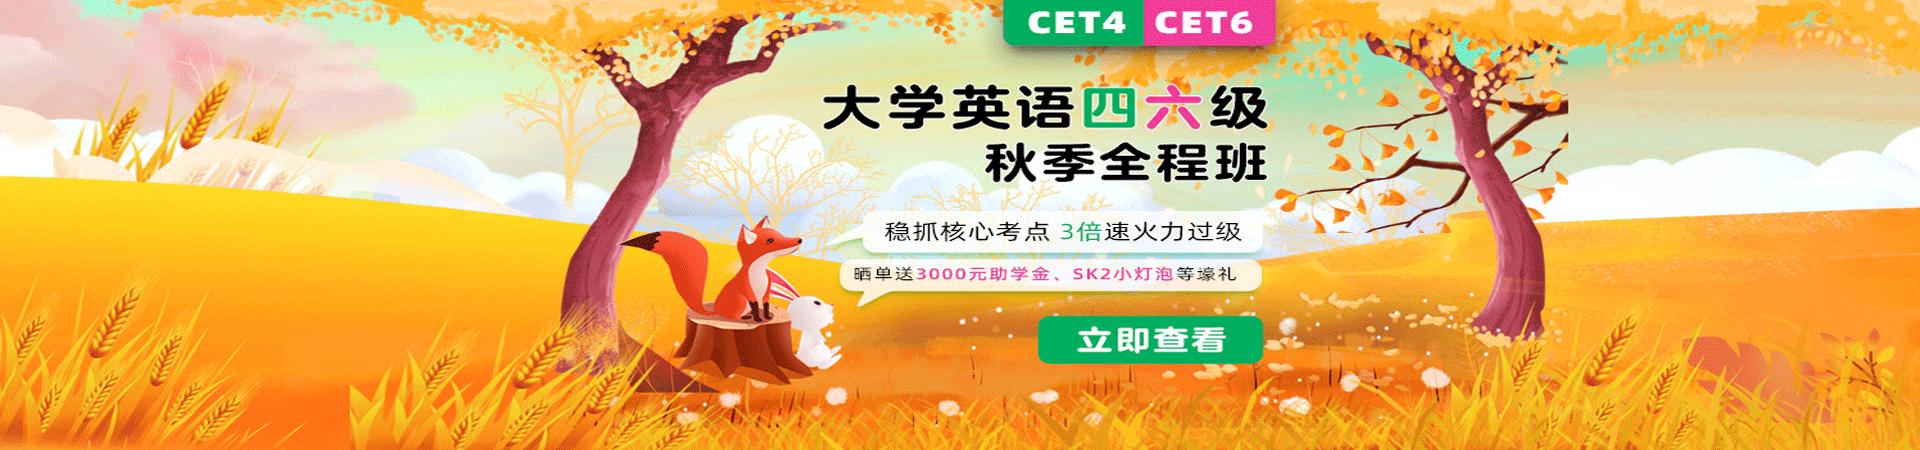 广西英语四级考试网络辅导